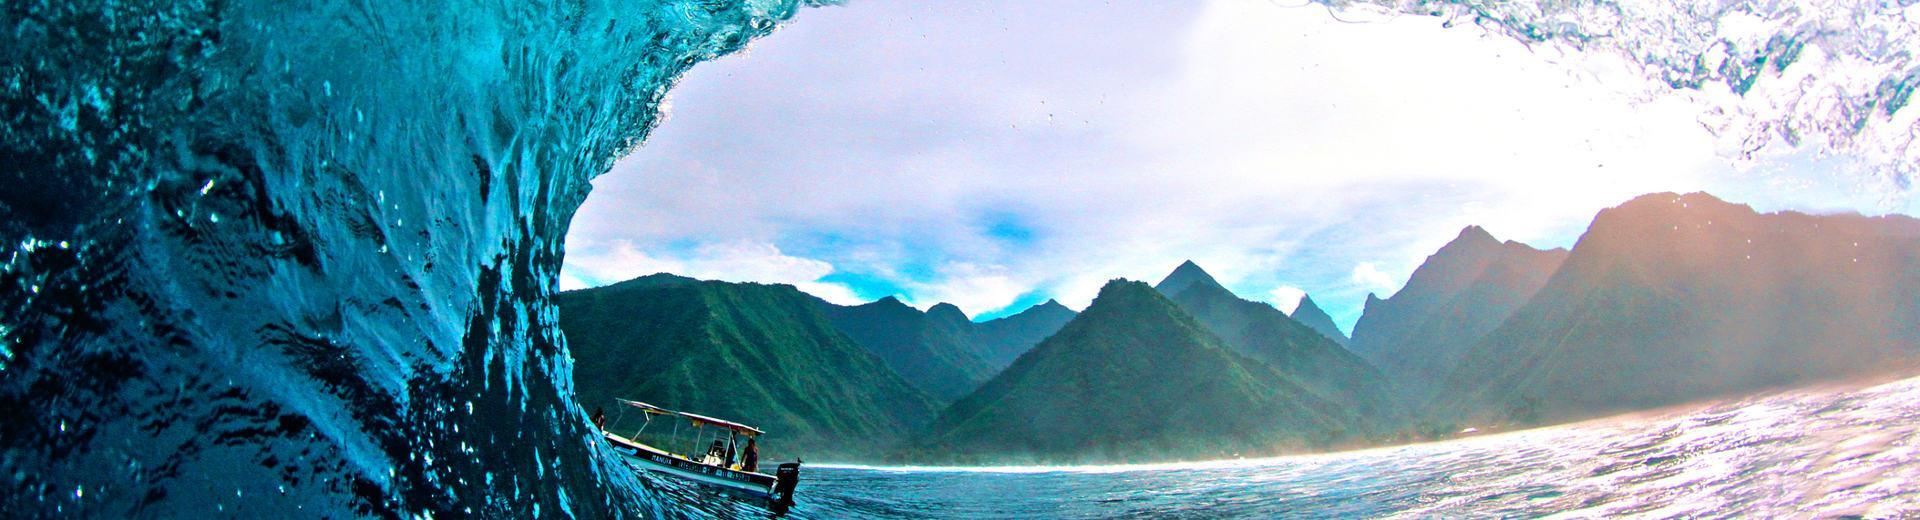 Teahupoo beach Tahiti